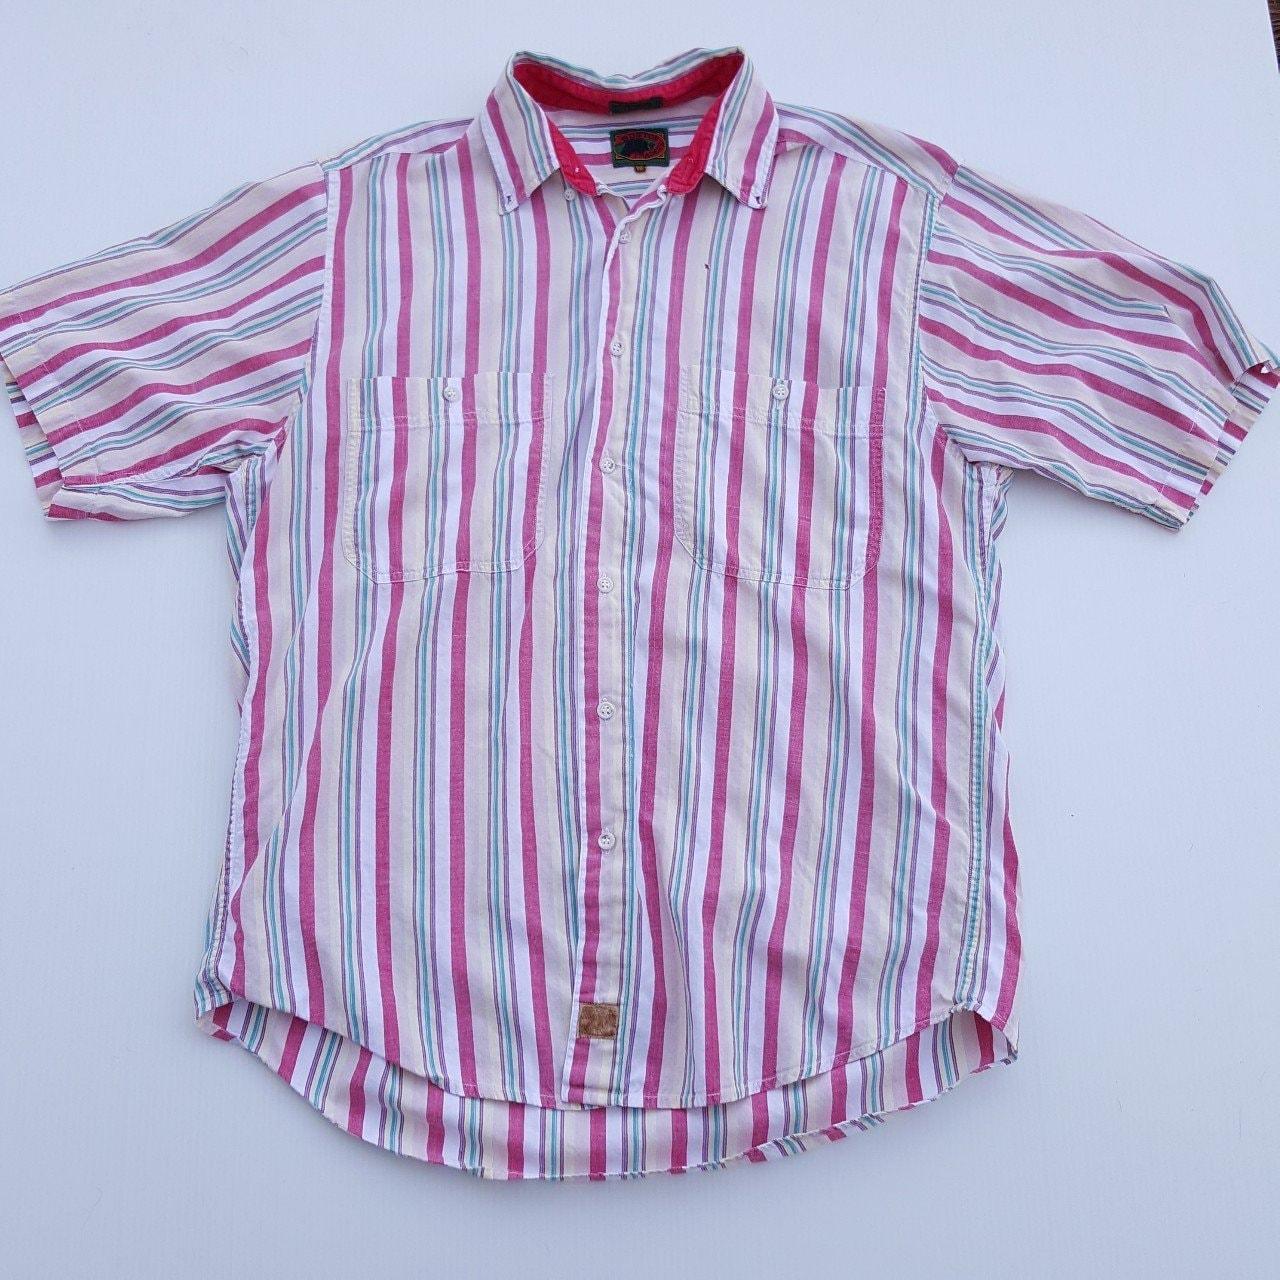 4f12fd02441 Vintage Mens Shirt Collars - Nils Stucki Kieferorthopäde